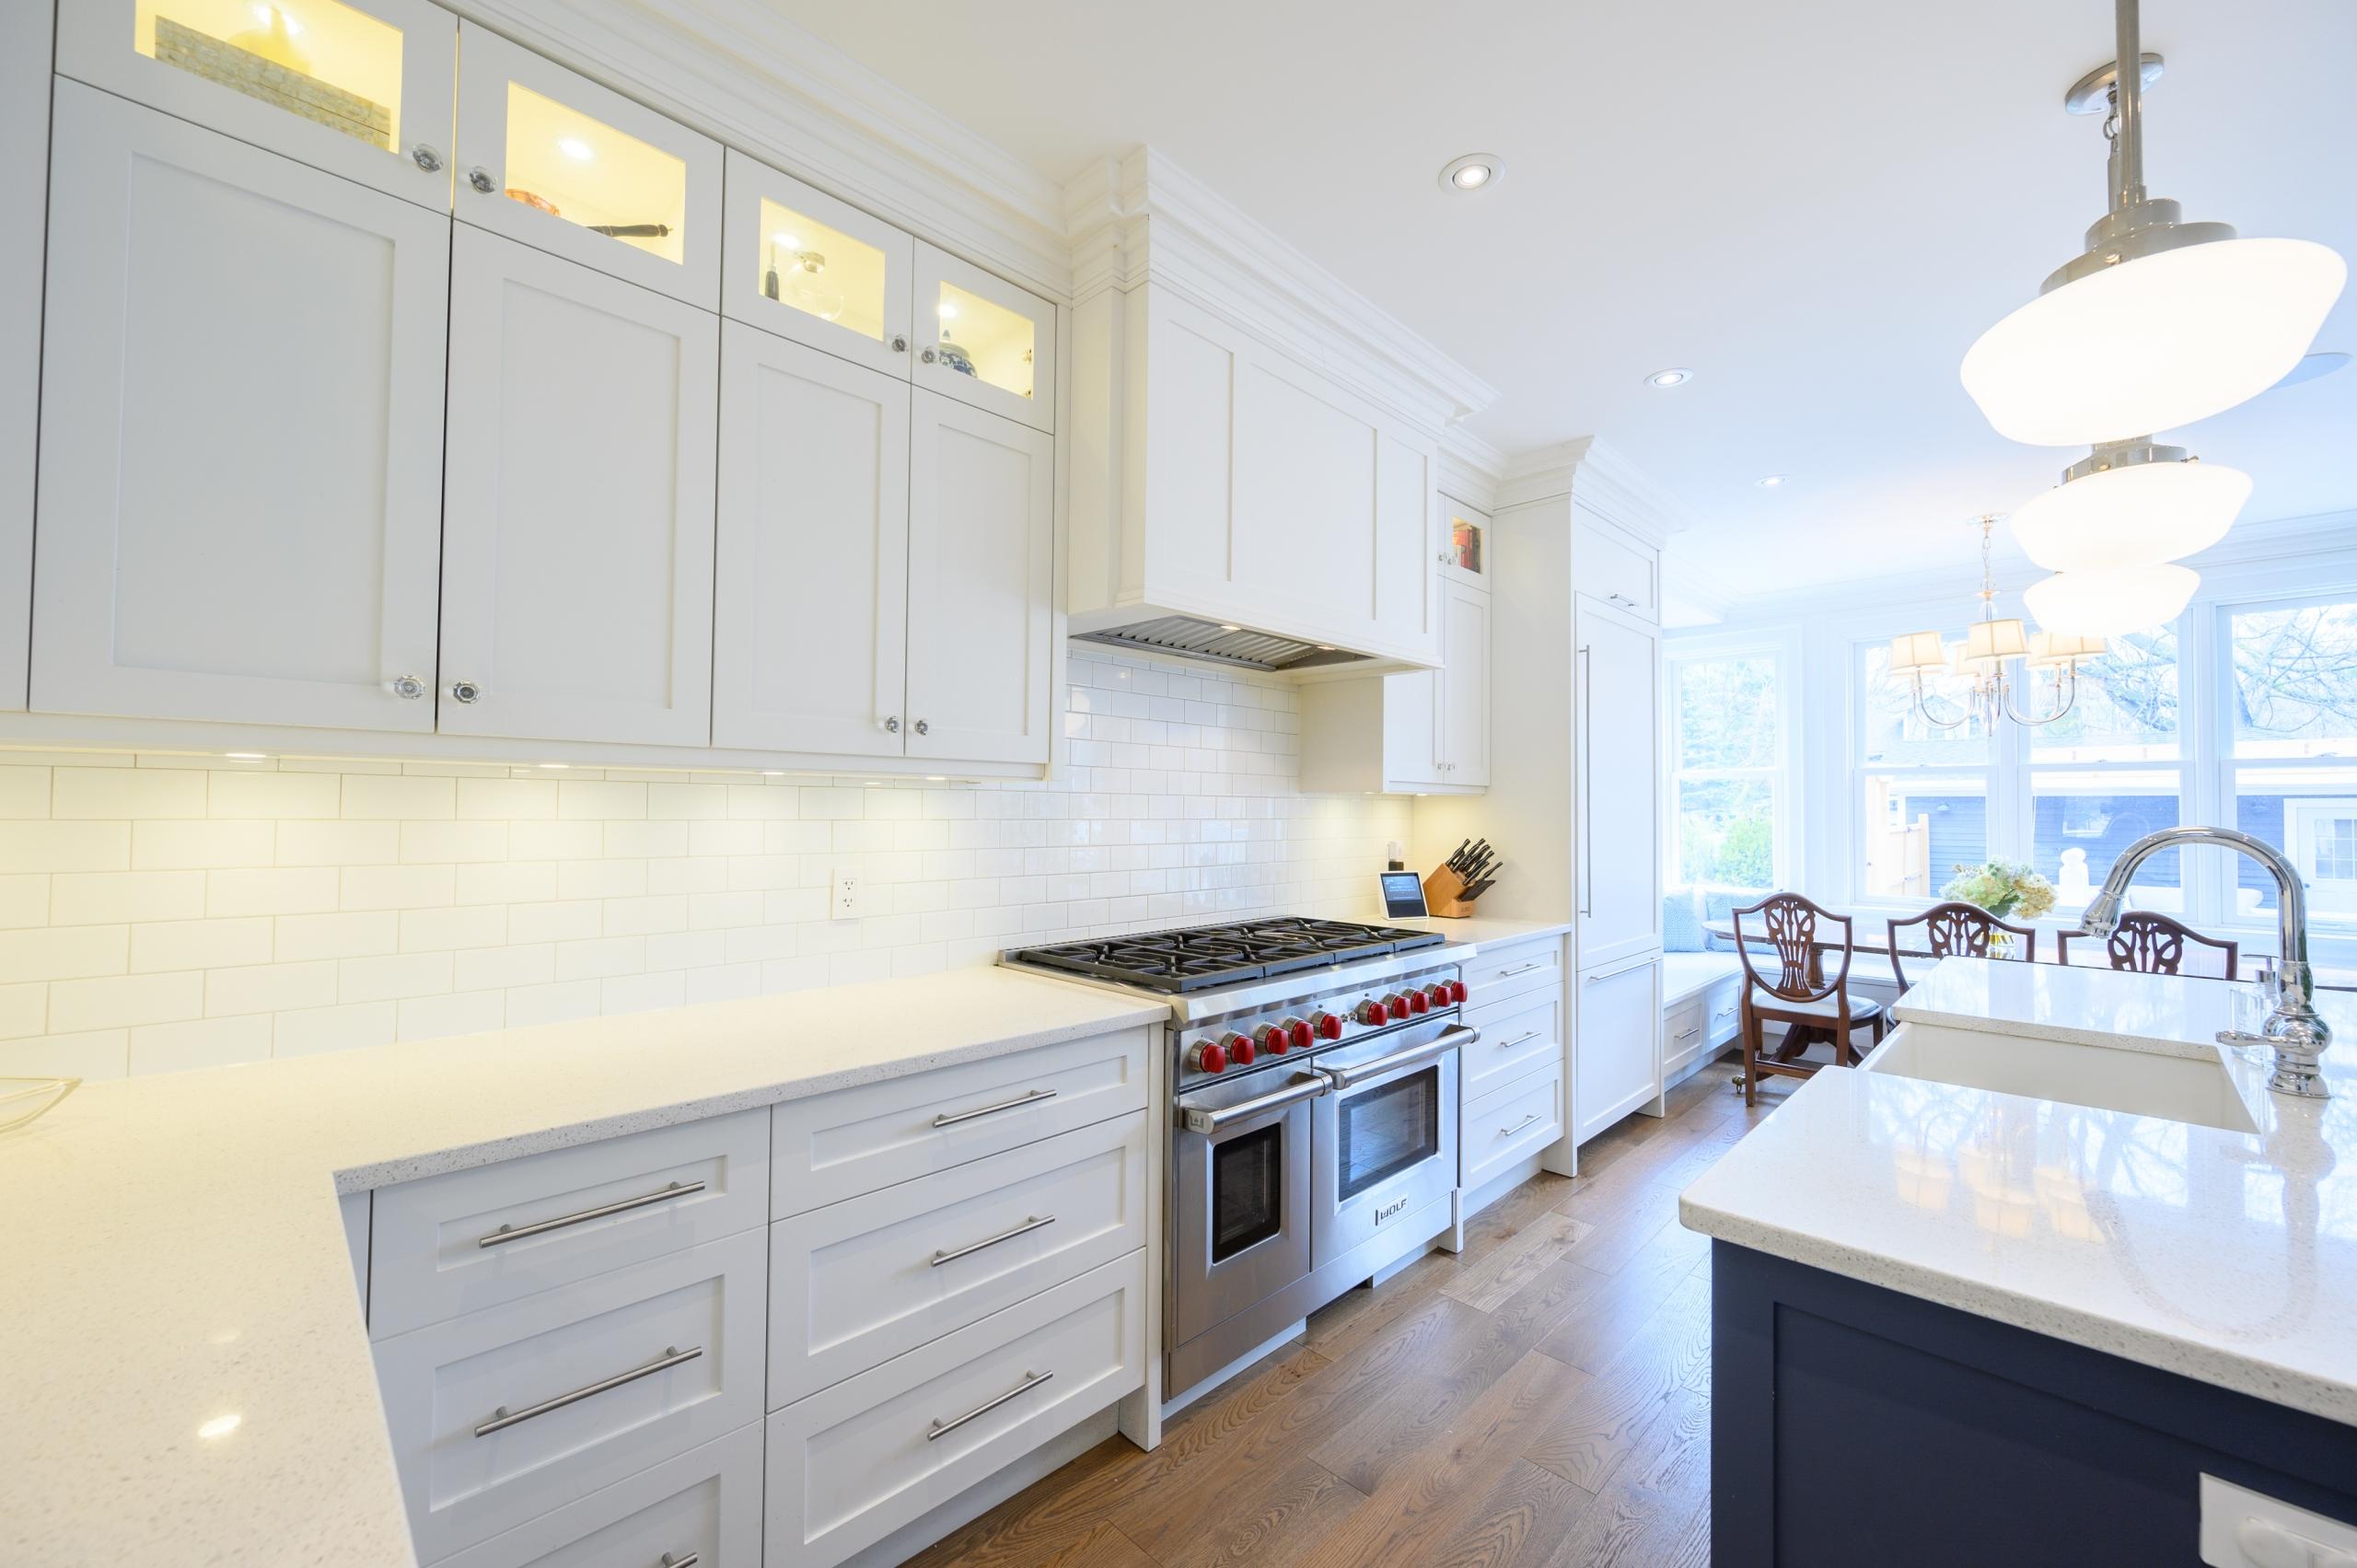 Kitchen featured at 199 Allan Street, Old Oakville, ON at Alex Irish & Associates